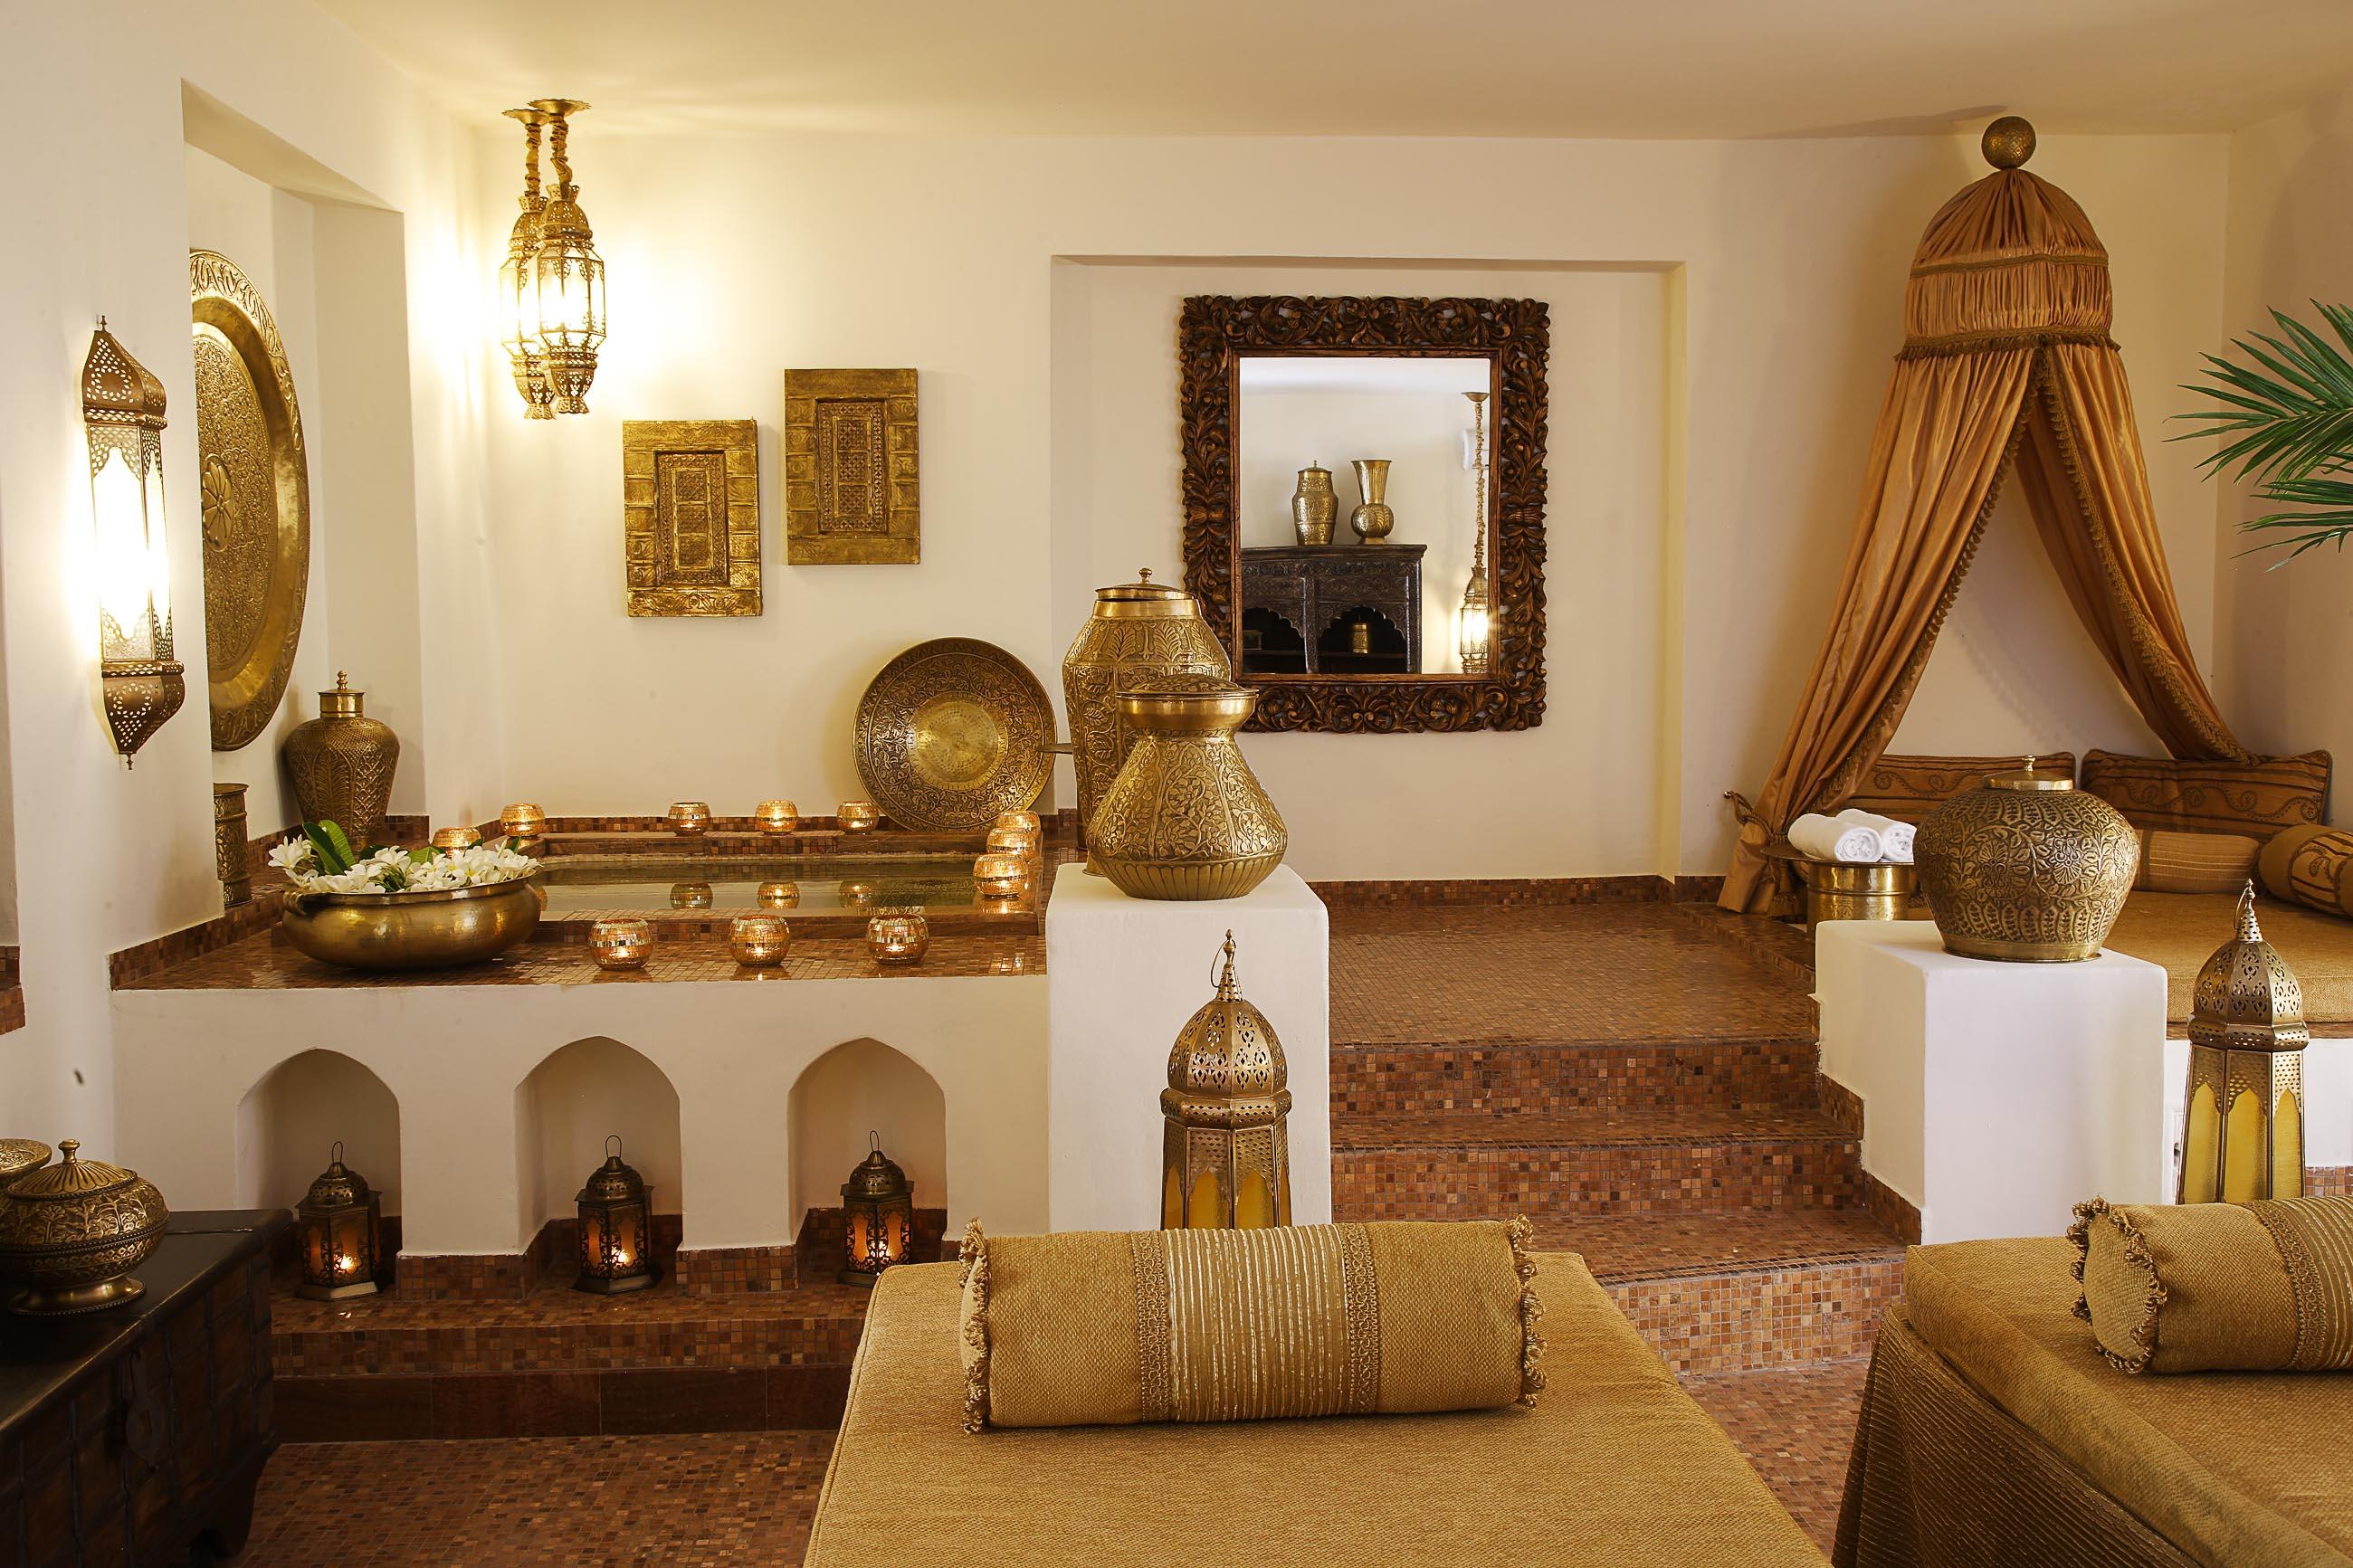 https://bubo.sk/uploads/galleries/19778/luxuriate-like-a-sultan.jpg